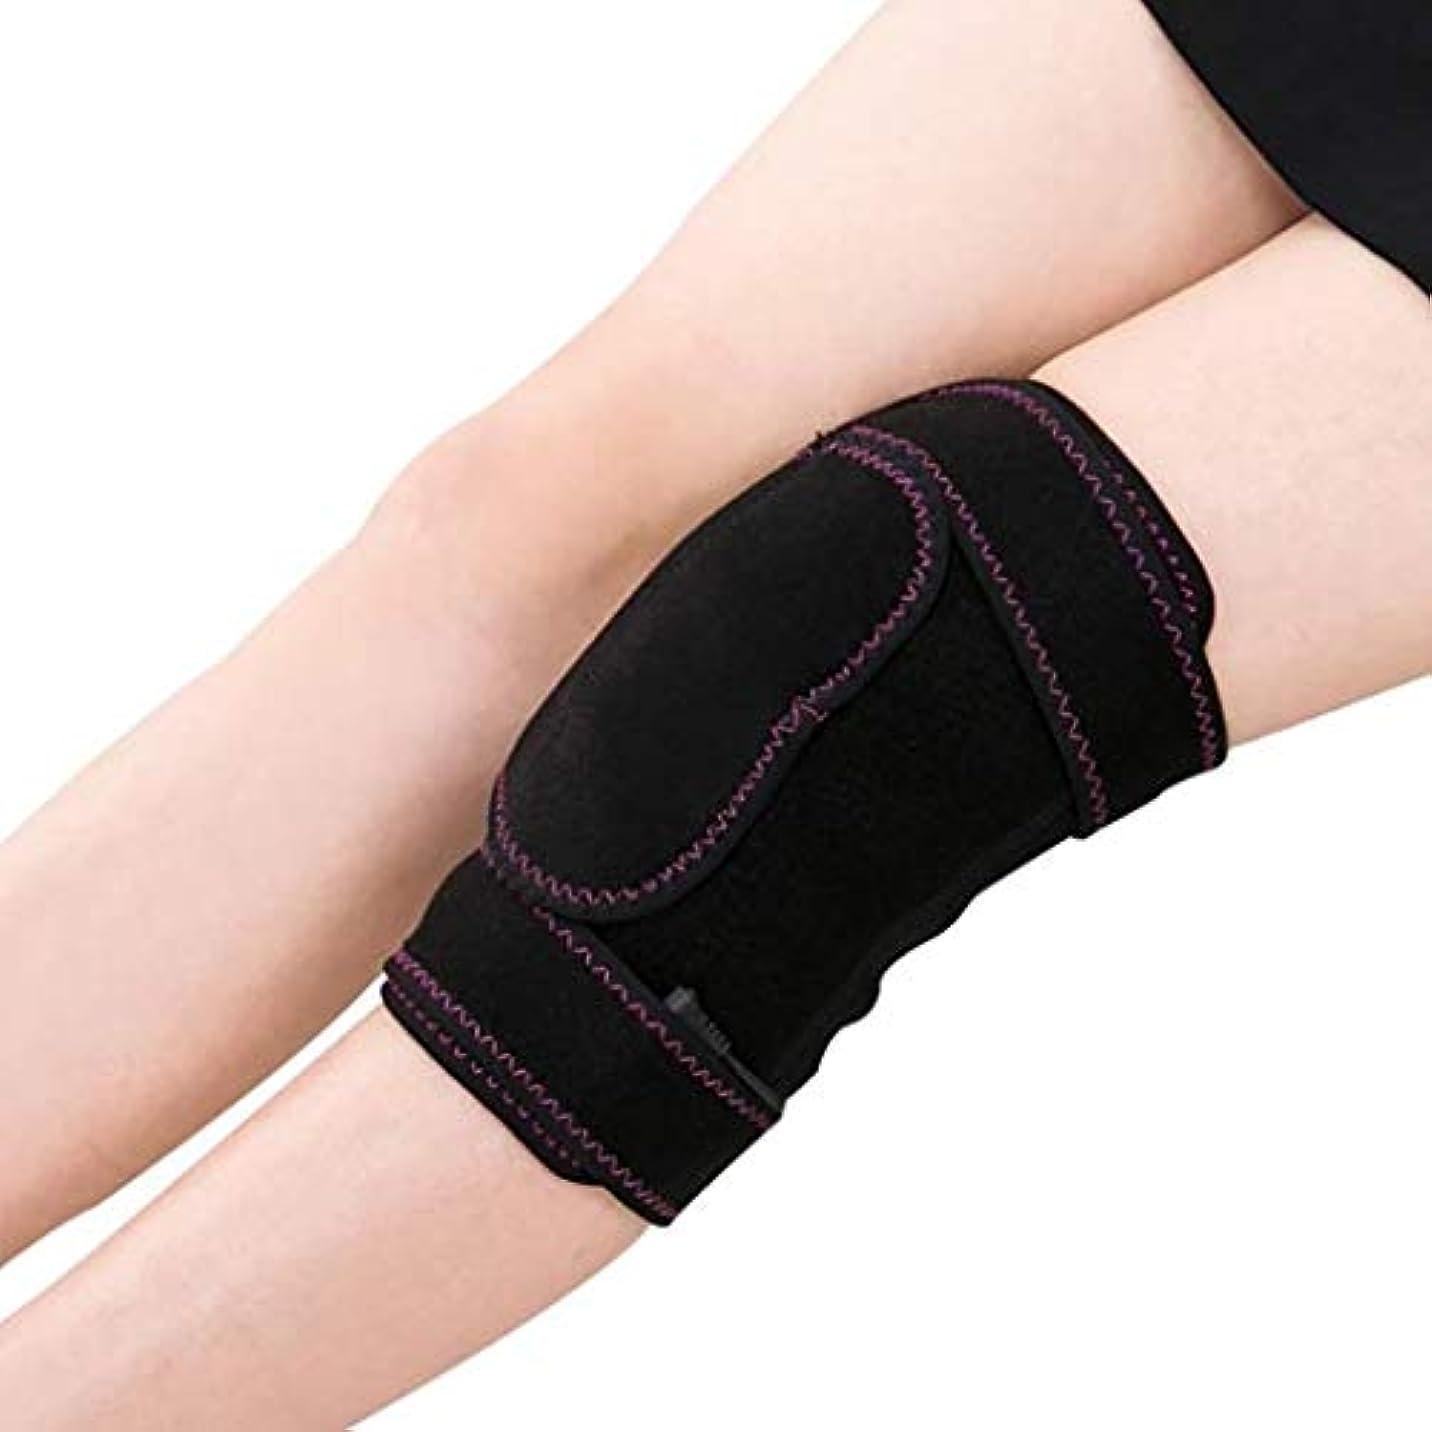 販売計画展開する資格レッグマッサージャー、電気加熱式膝パッド、ホットコンプレッションセラピーツール、脚の筋肉の弛緩に適し、血液循環の促進、温度調節可能